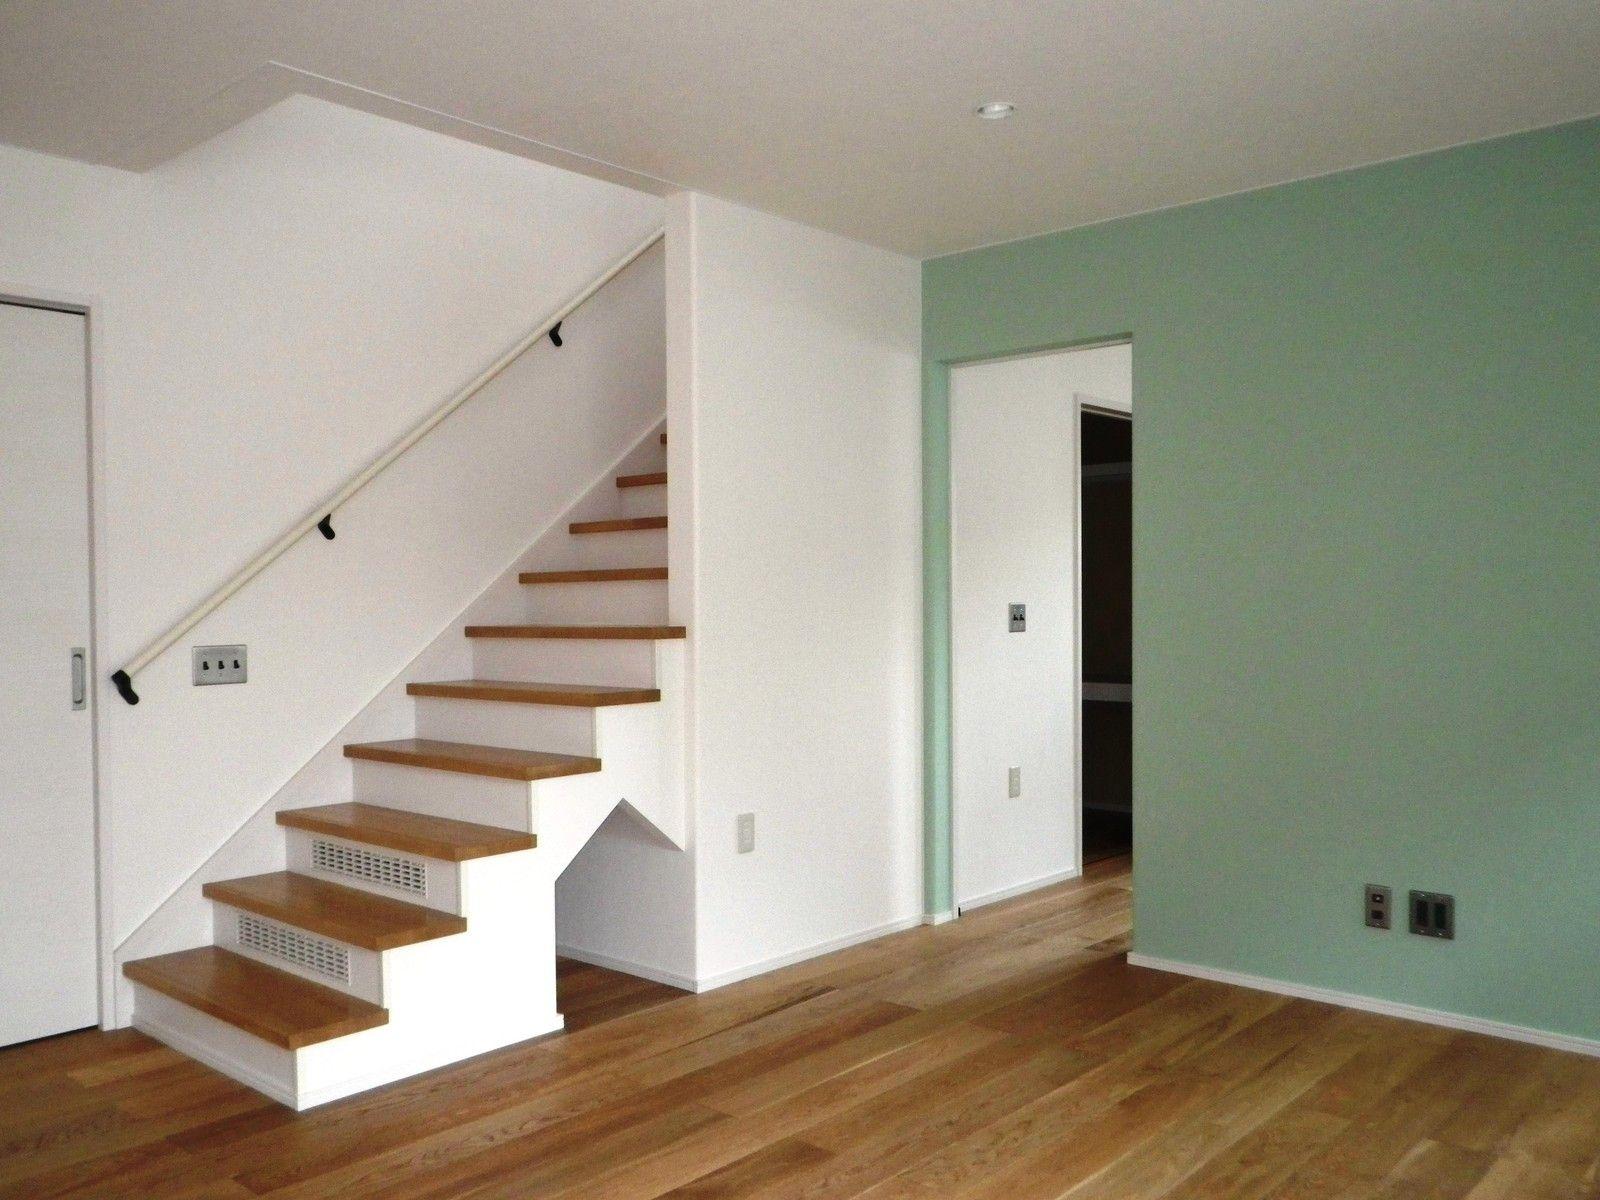 リビング階段 階段下の犬小屋風物入がかわいいですね 6段分も袖無し階段にしました 危ない とおっしゃる方もいるかもしれませんが 私もオーナー様も納得の上での設計です 開放的でいいですよ しかも この階段巾もメートルmoduleで 幅広です リビング階段